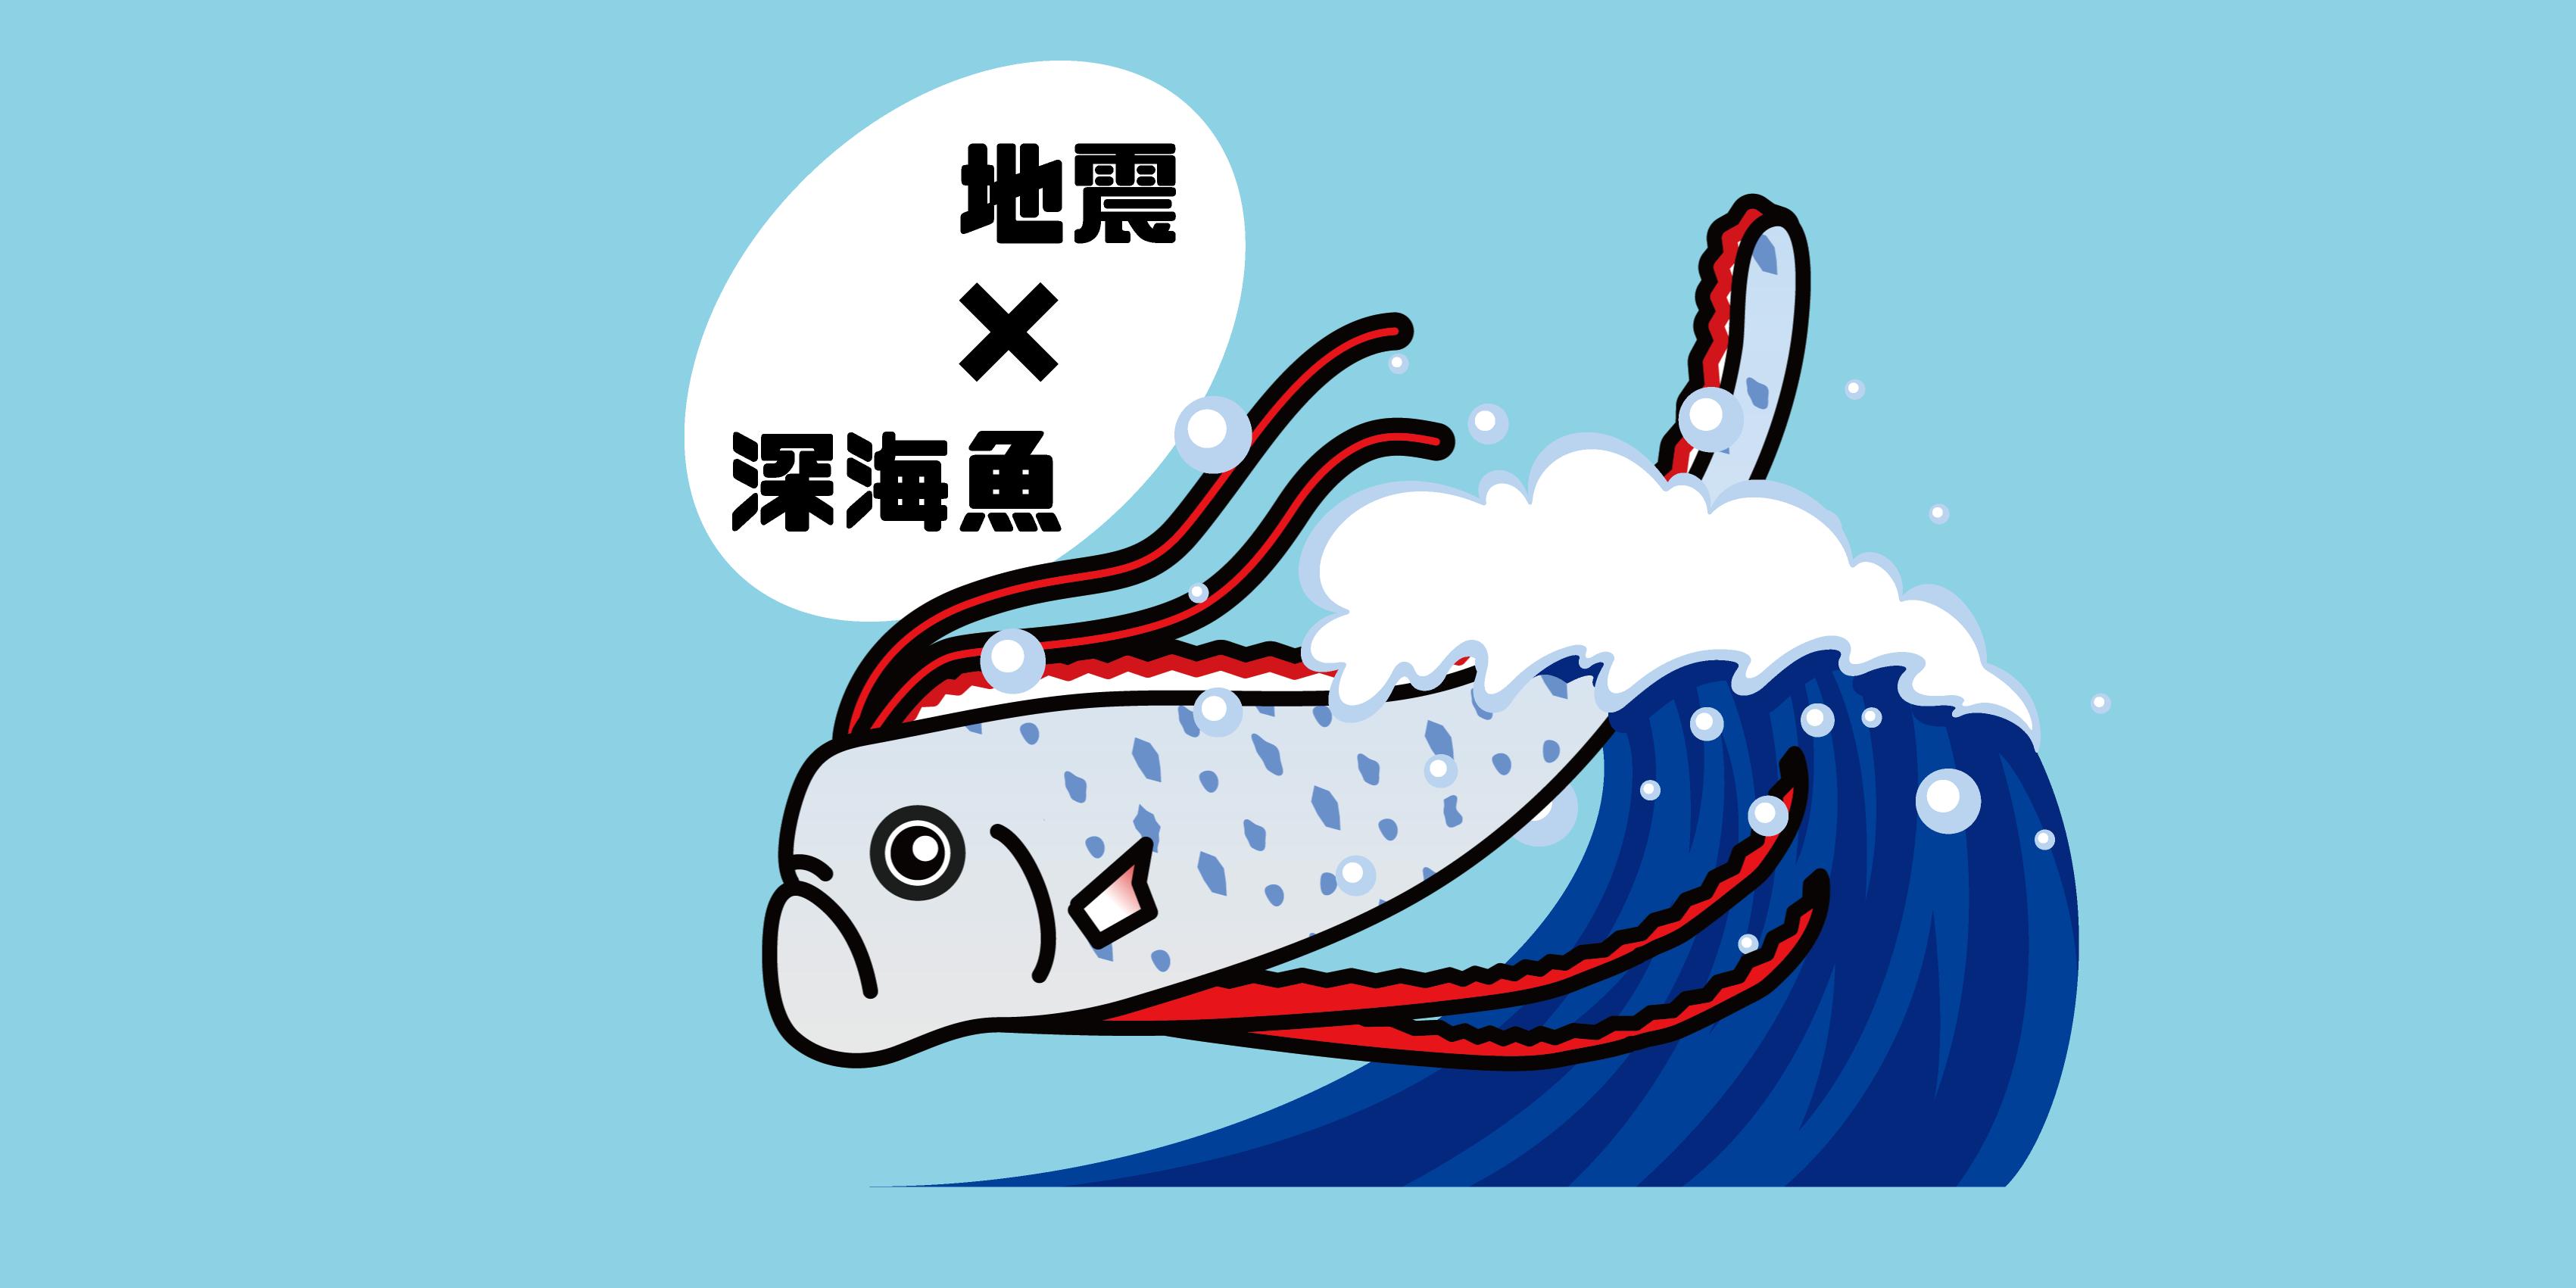 深海魚と地震アイキャッチ